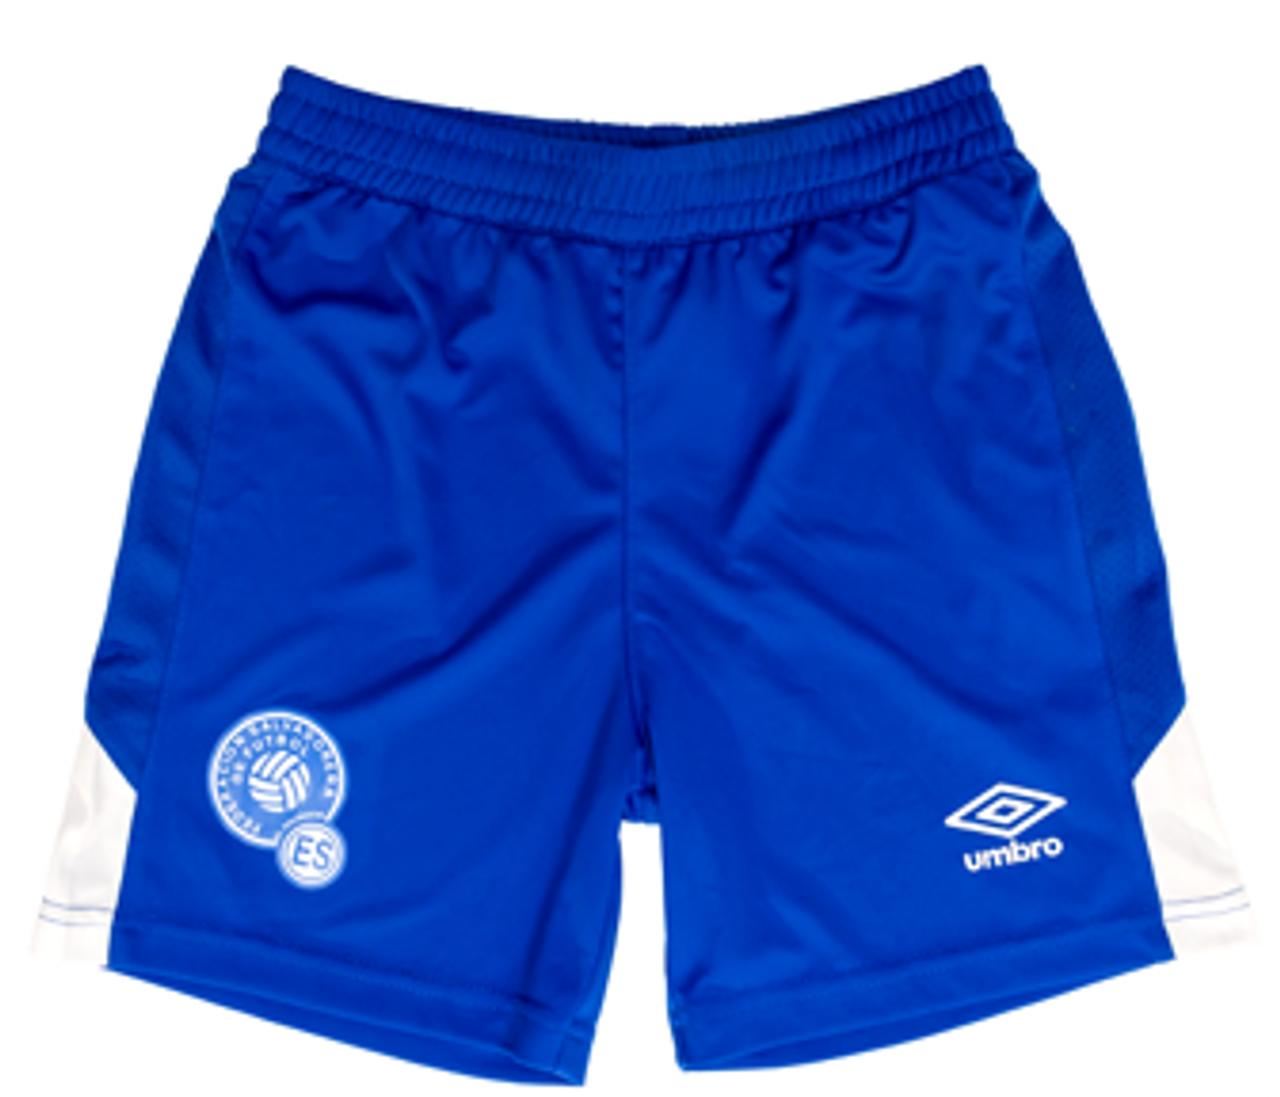 blue umbro shorts